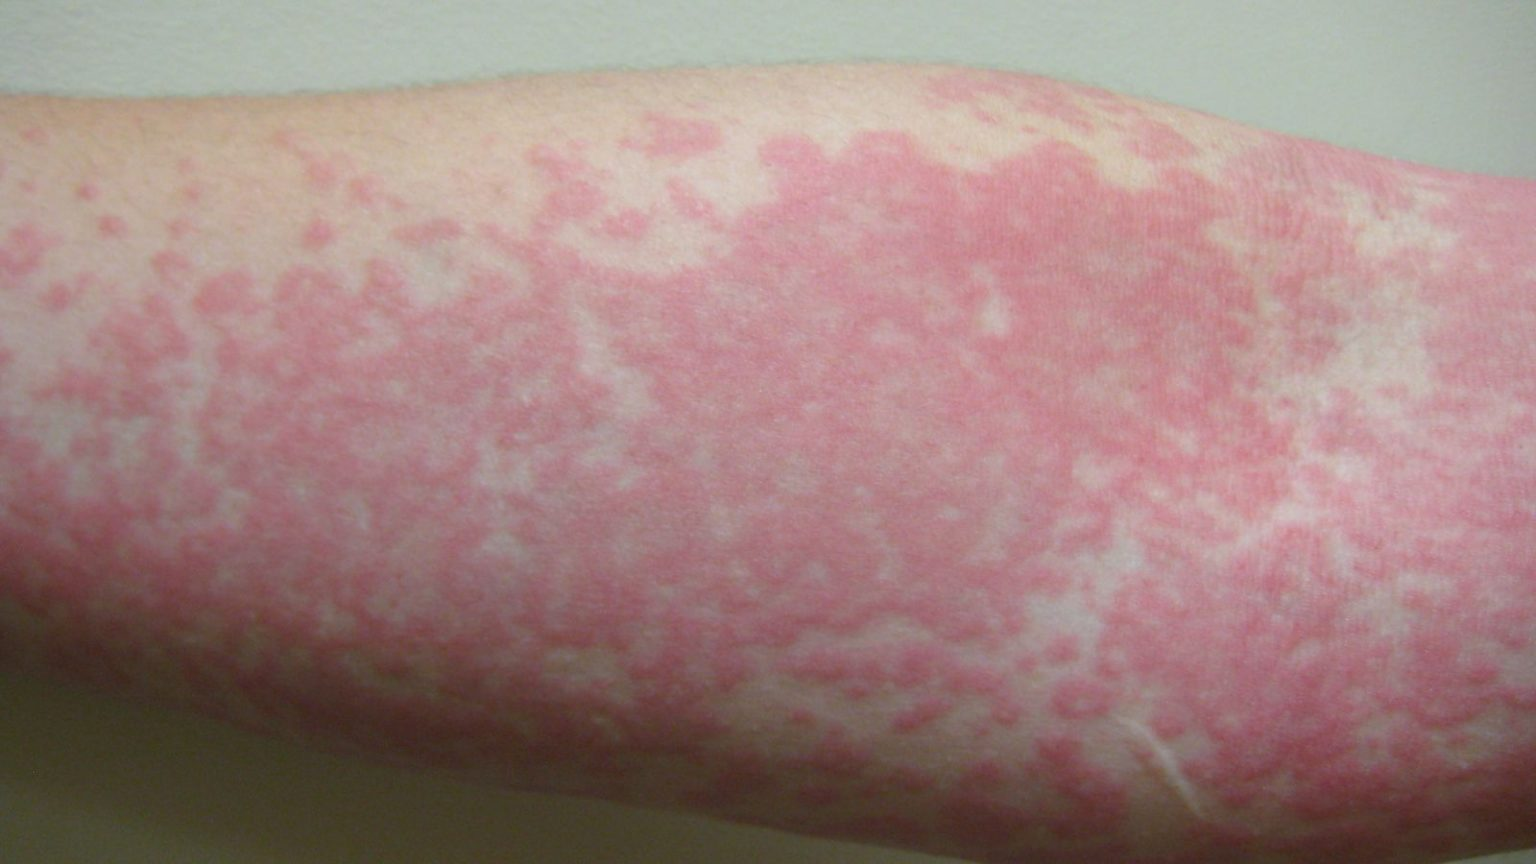 Skin rash may be another sign of Coronavirus